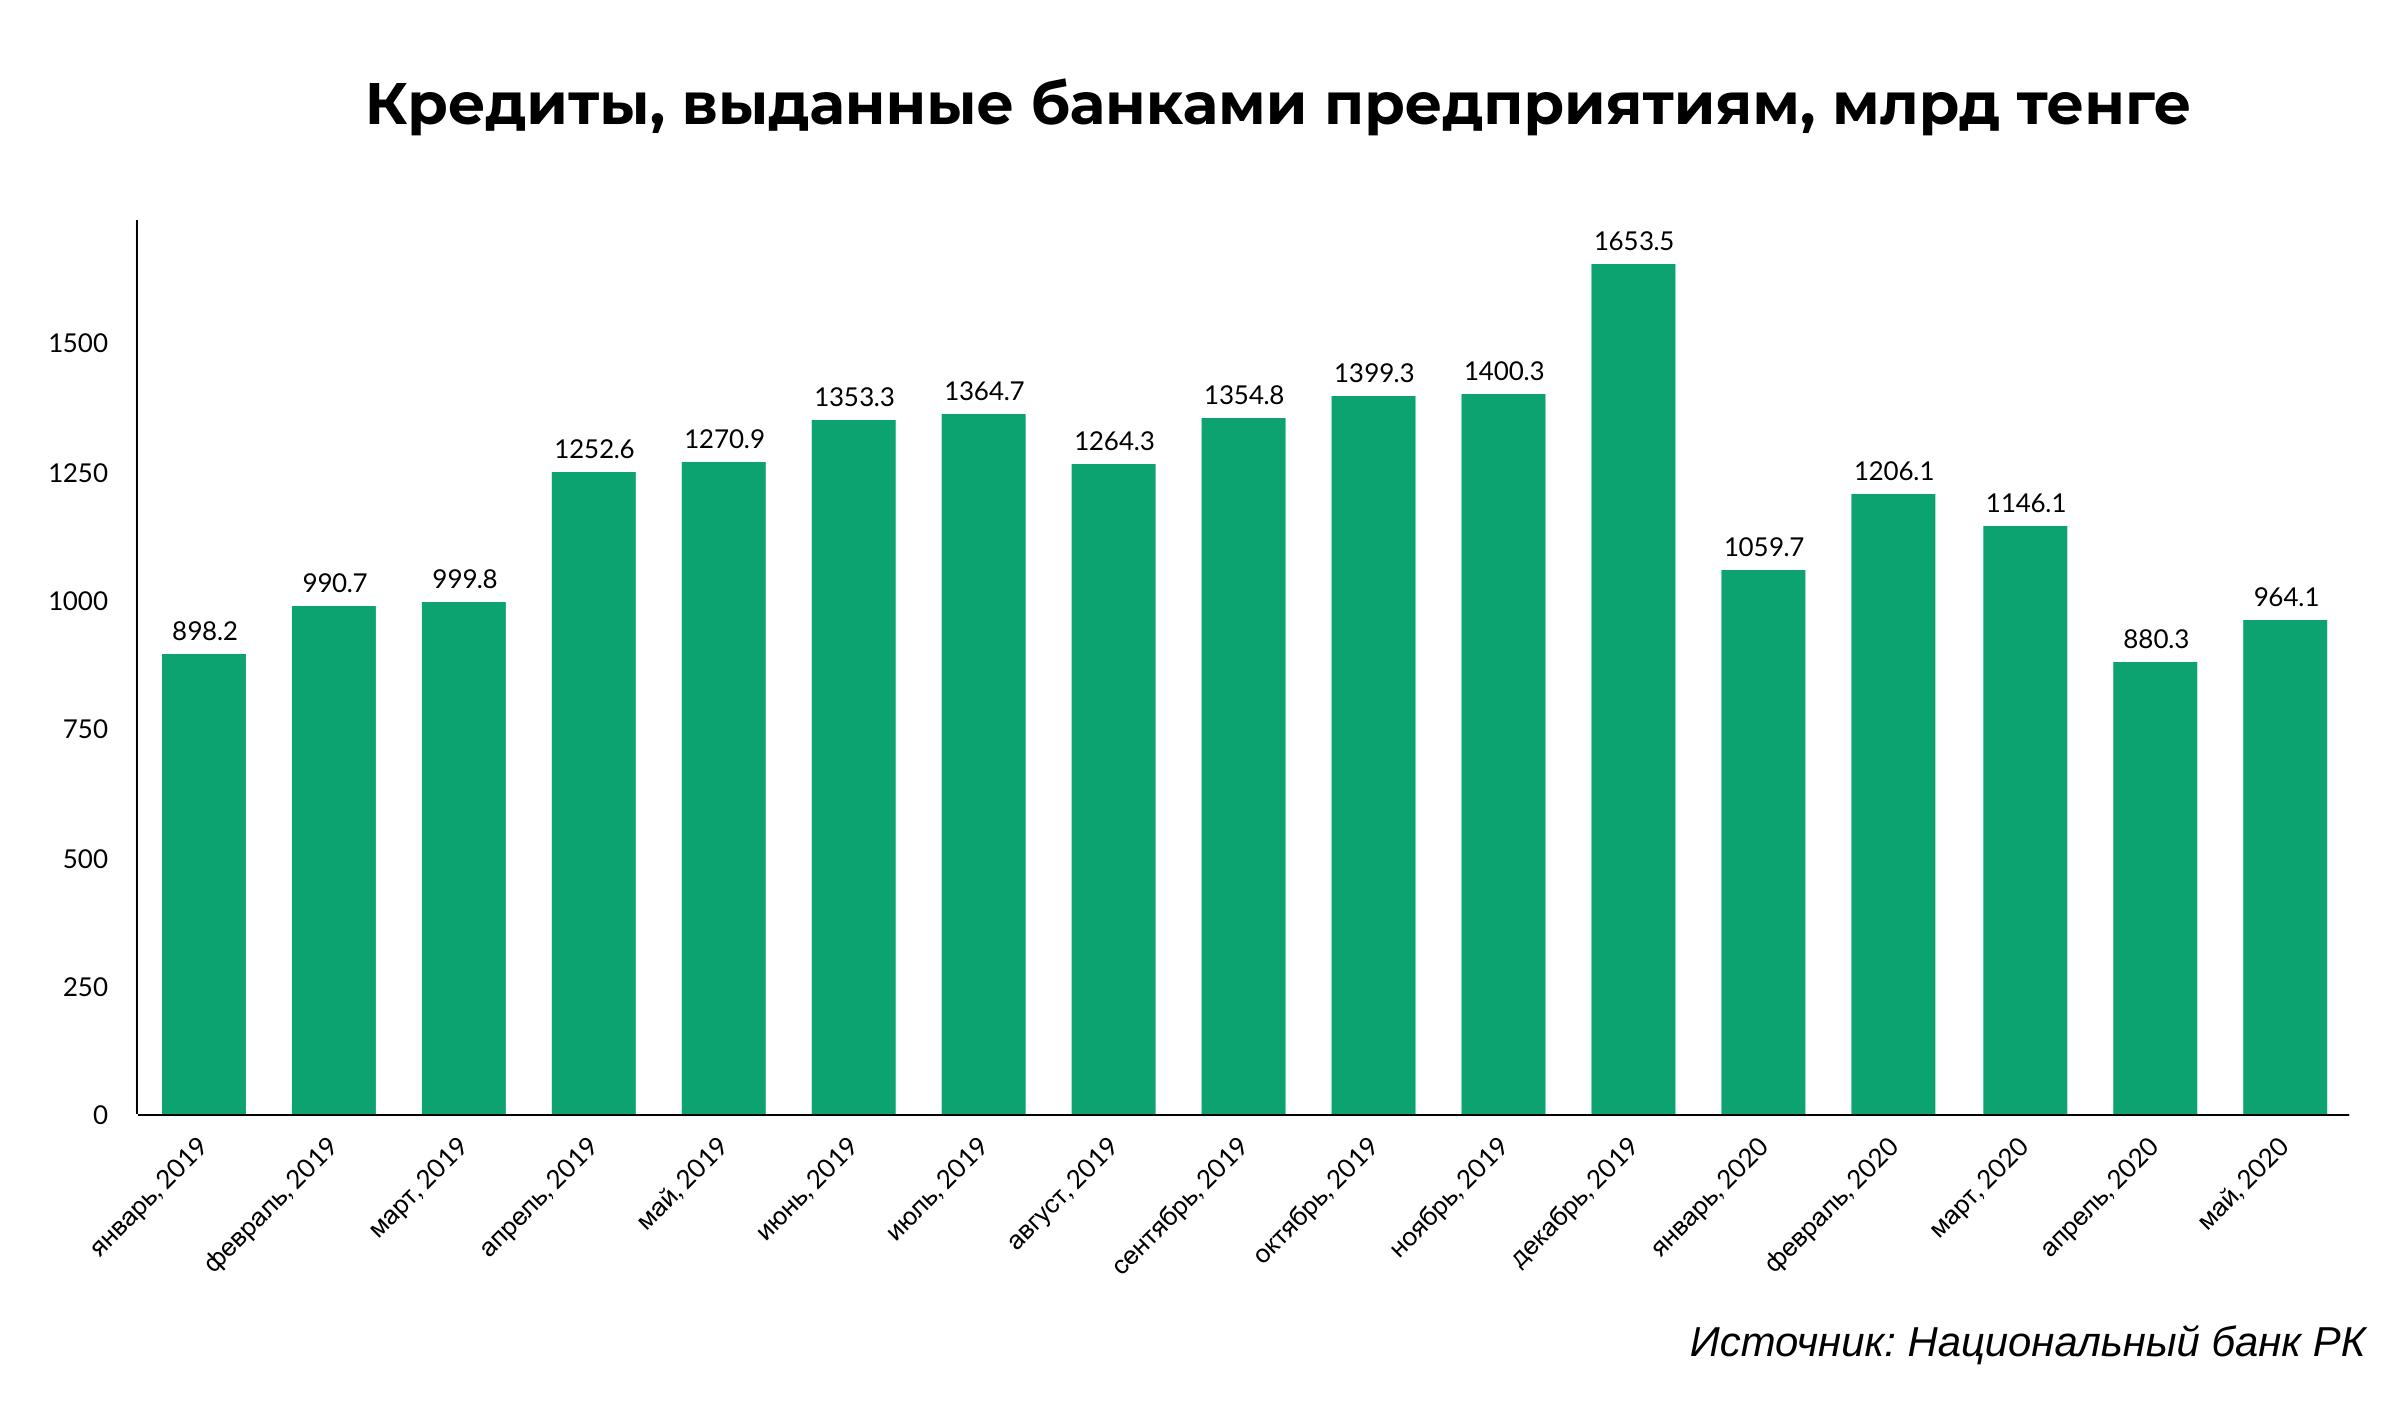 Банки делают ставку на торговлю 363958 - Kapital.kz